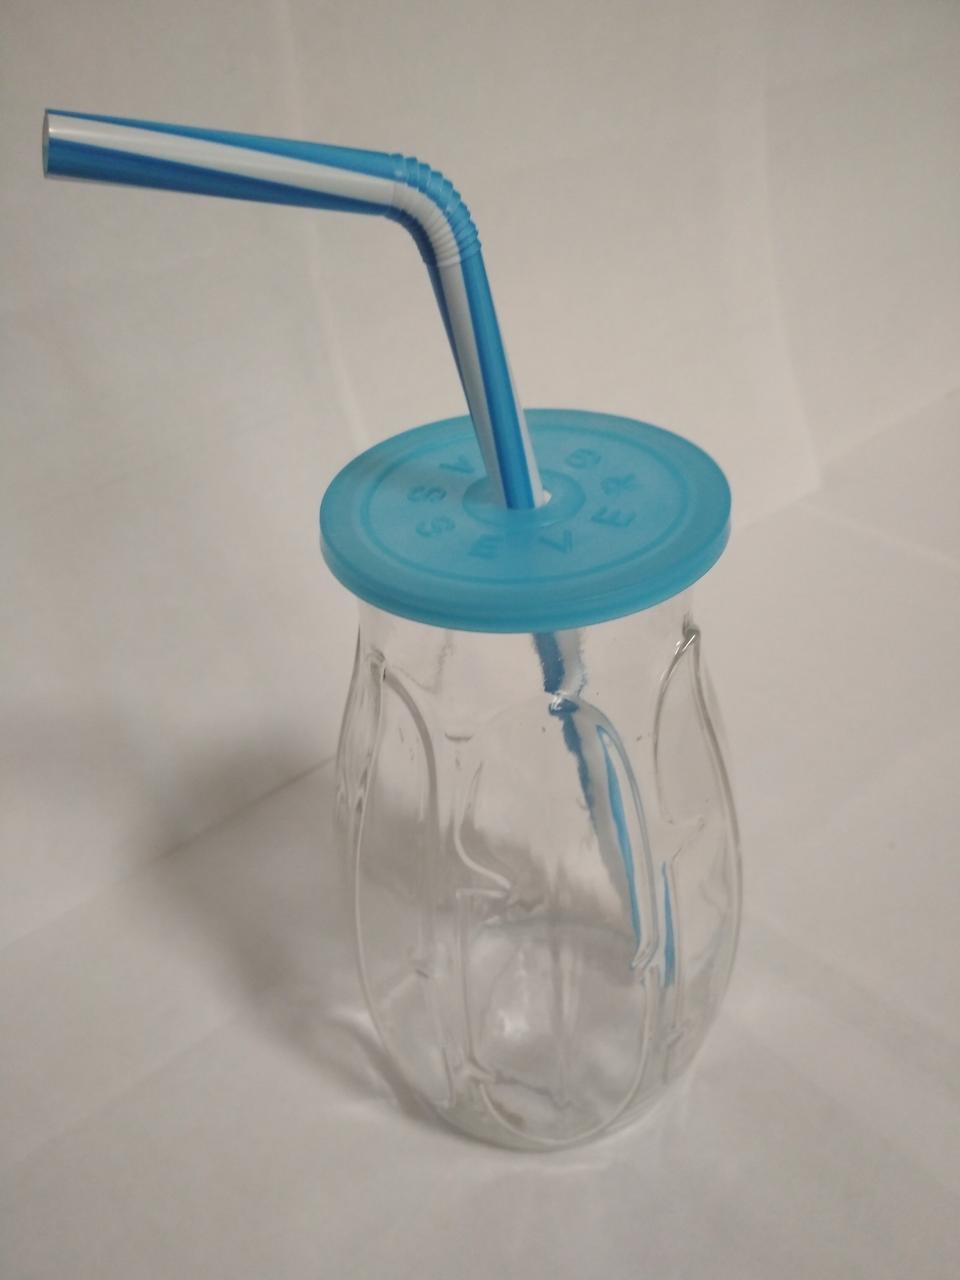 Стакан банка стеклянный для коктейлей 500 мл с синей пластиковой крышкой и трубочкой Banana UniGlass